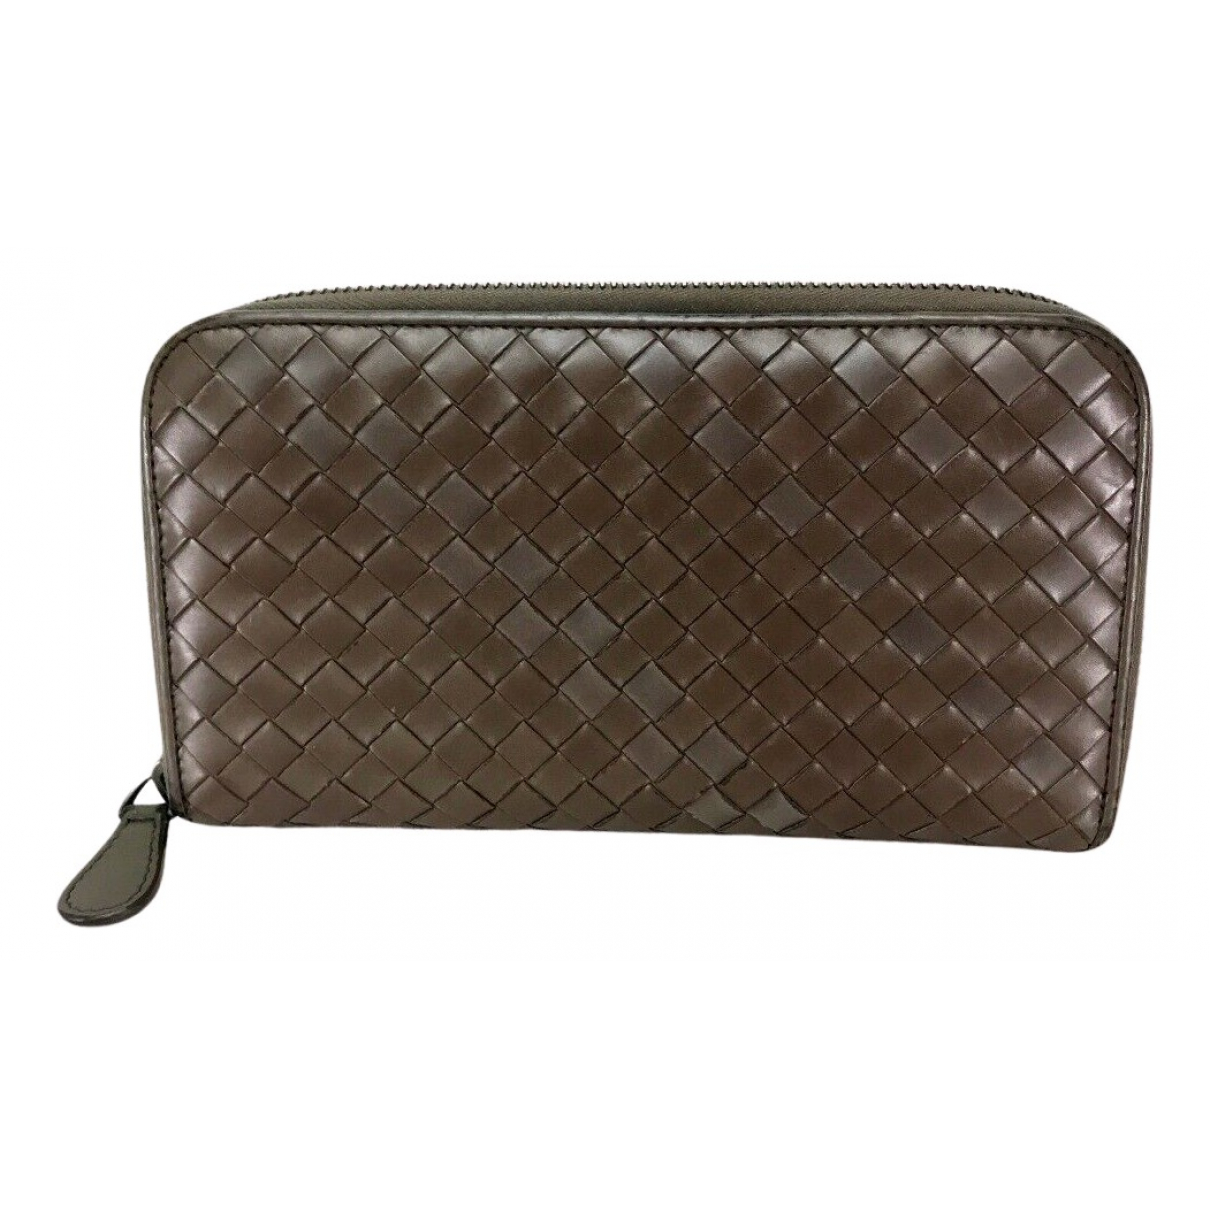 Bottega Veneta - Portefeuille   pour femme en cuir